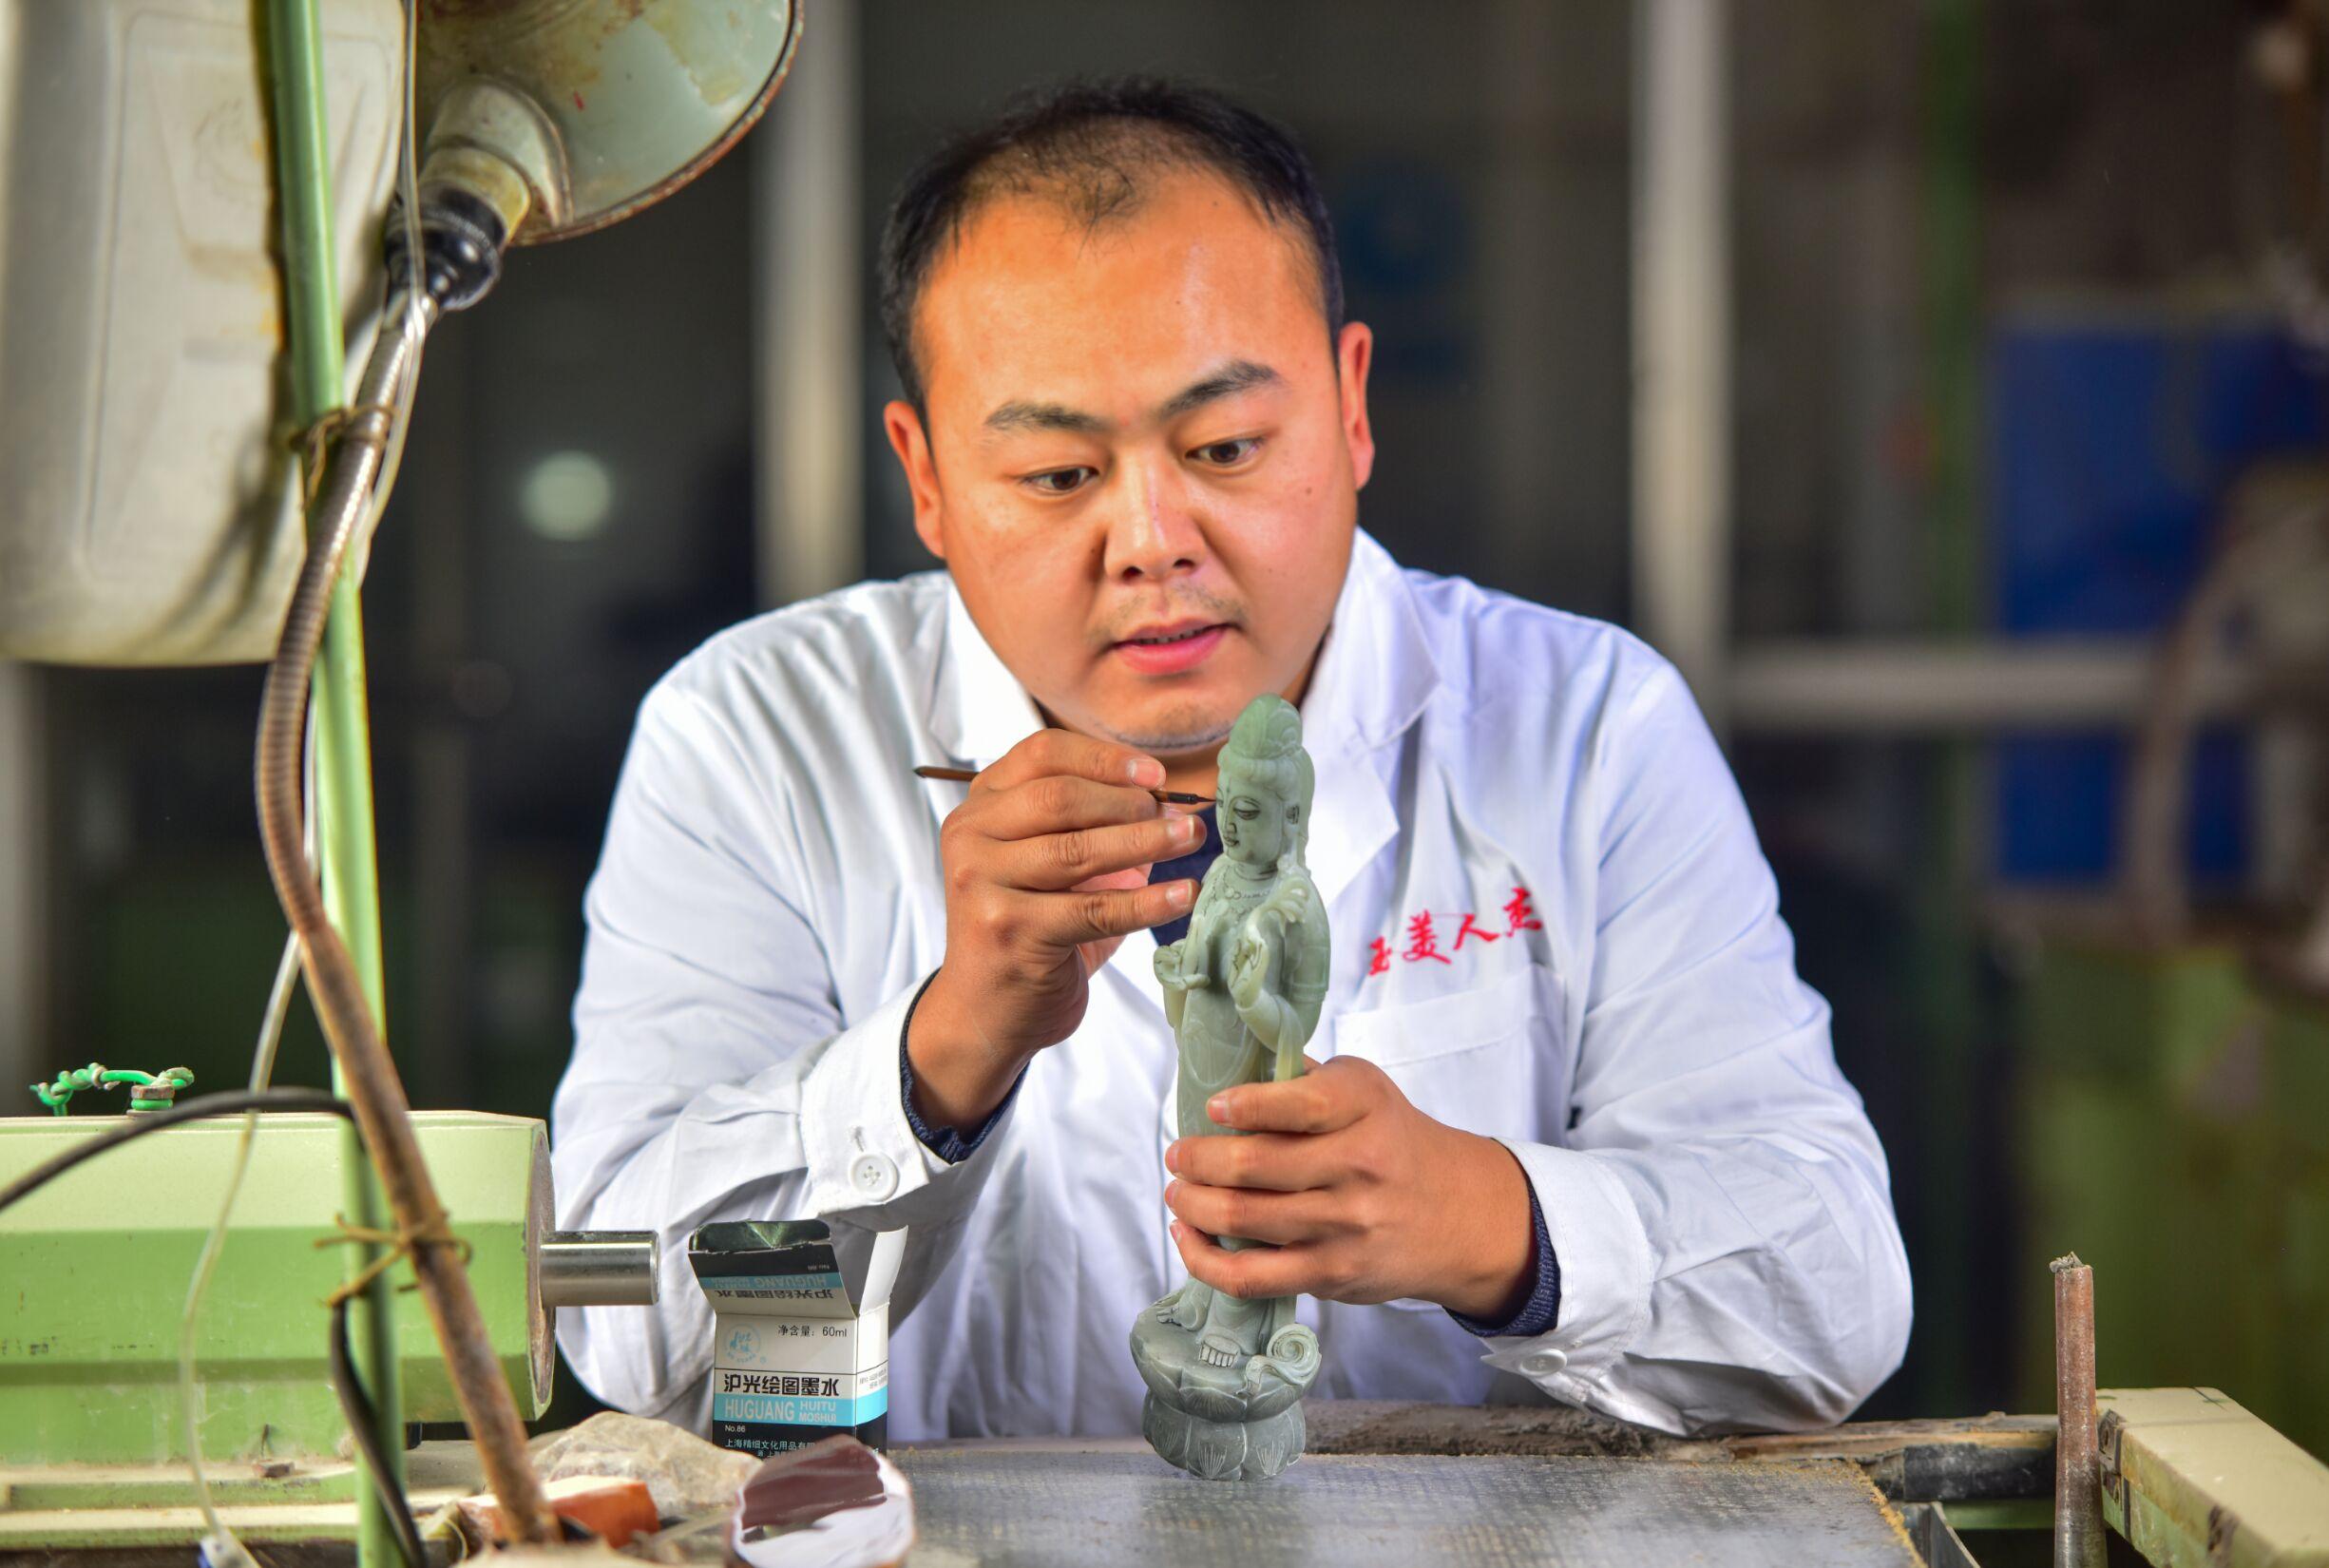 刘世超-青年玉雕大师,新万博manbetx官网移动端杰总经理